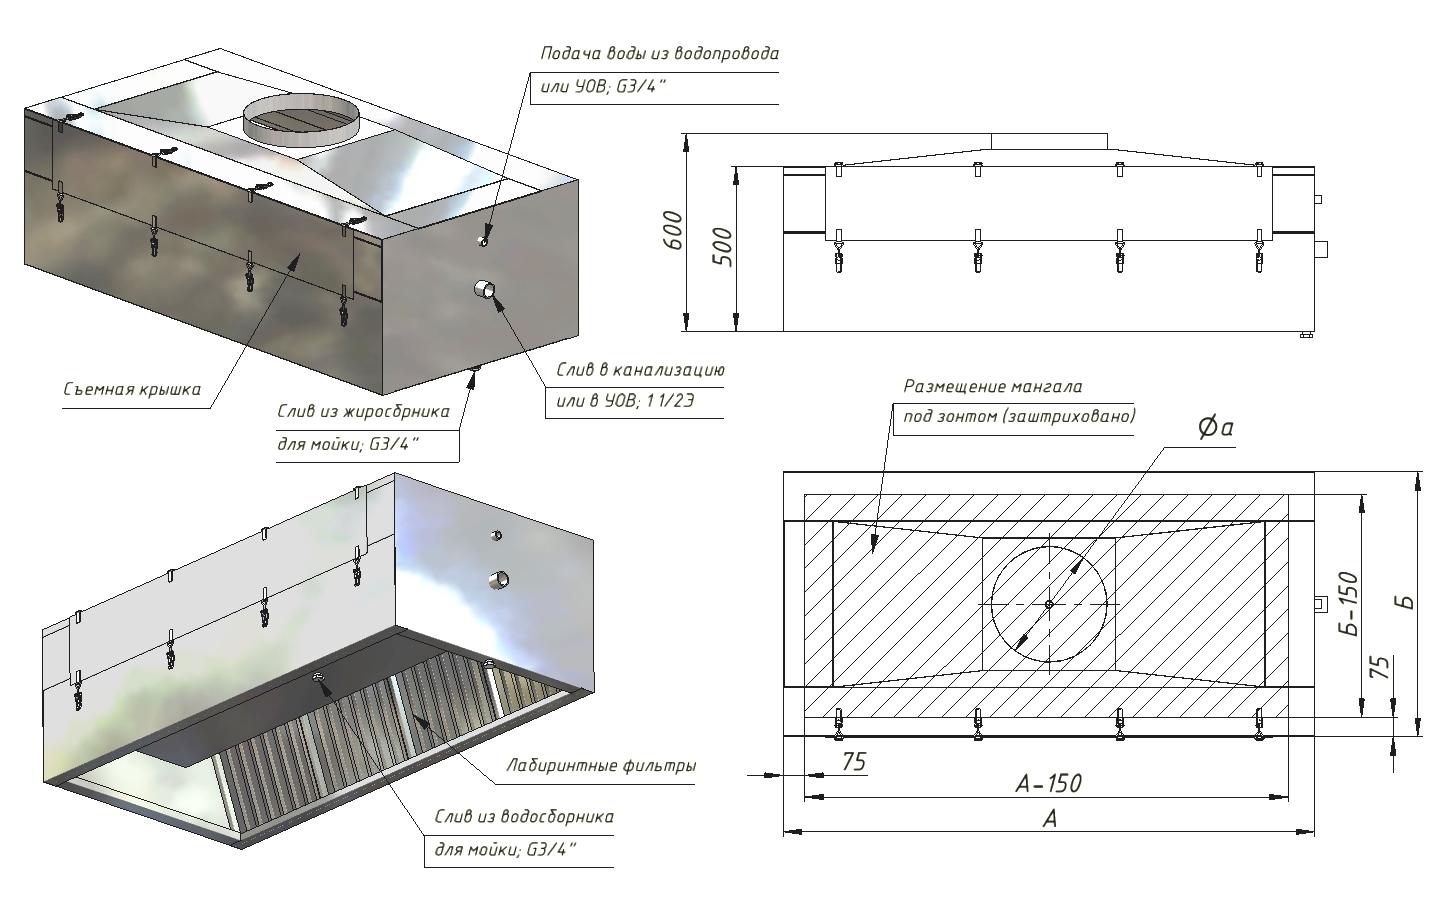 Как сделать вытяжку в частном доме своими руками: схема 3